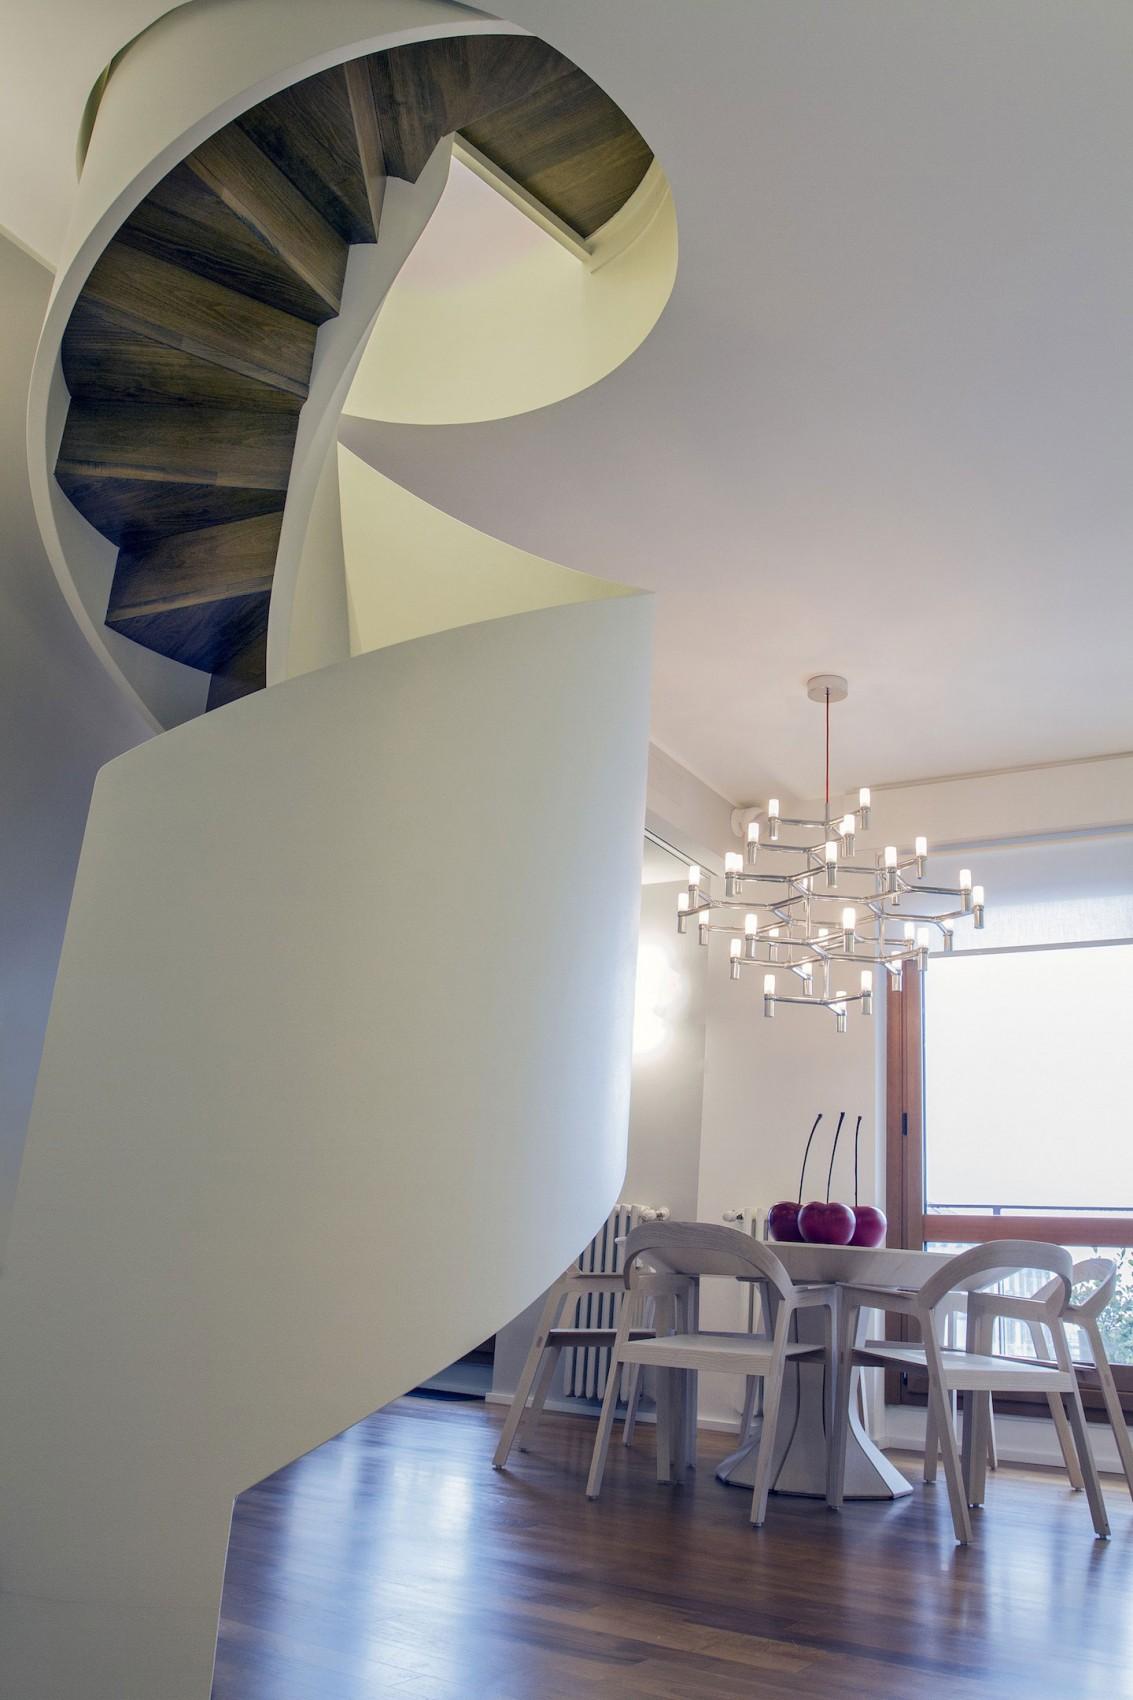 moderna-rezidentsiq-v-milano-pokazva-interesni-mebeli-i-funktsii-3g